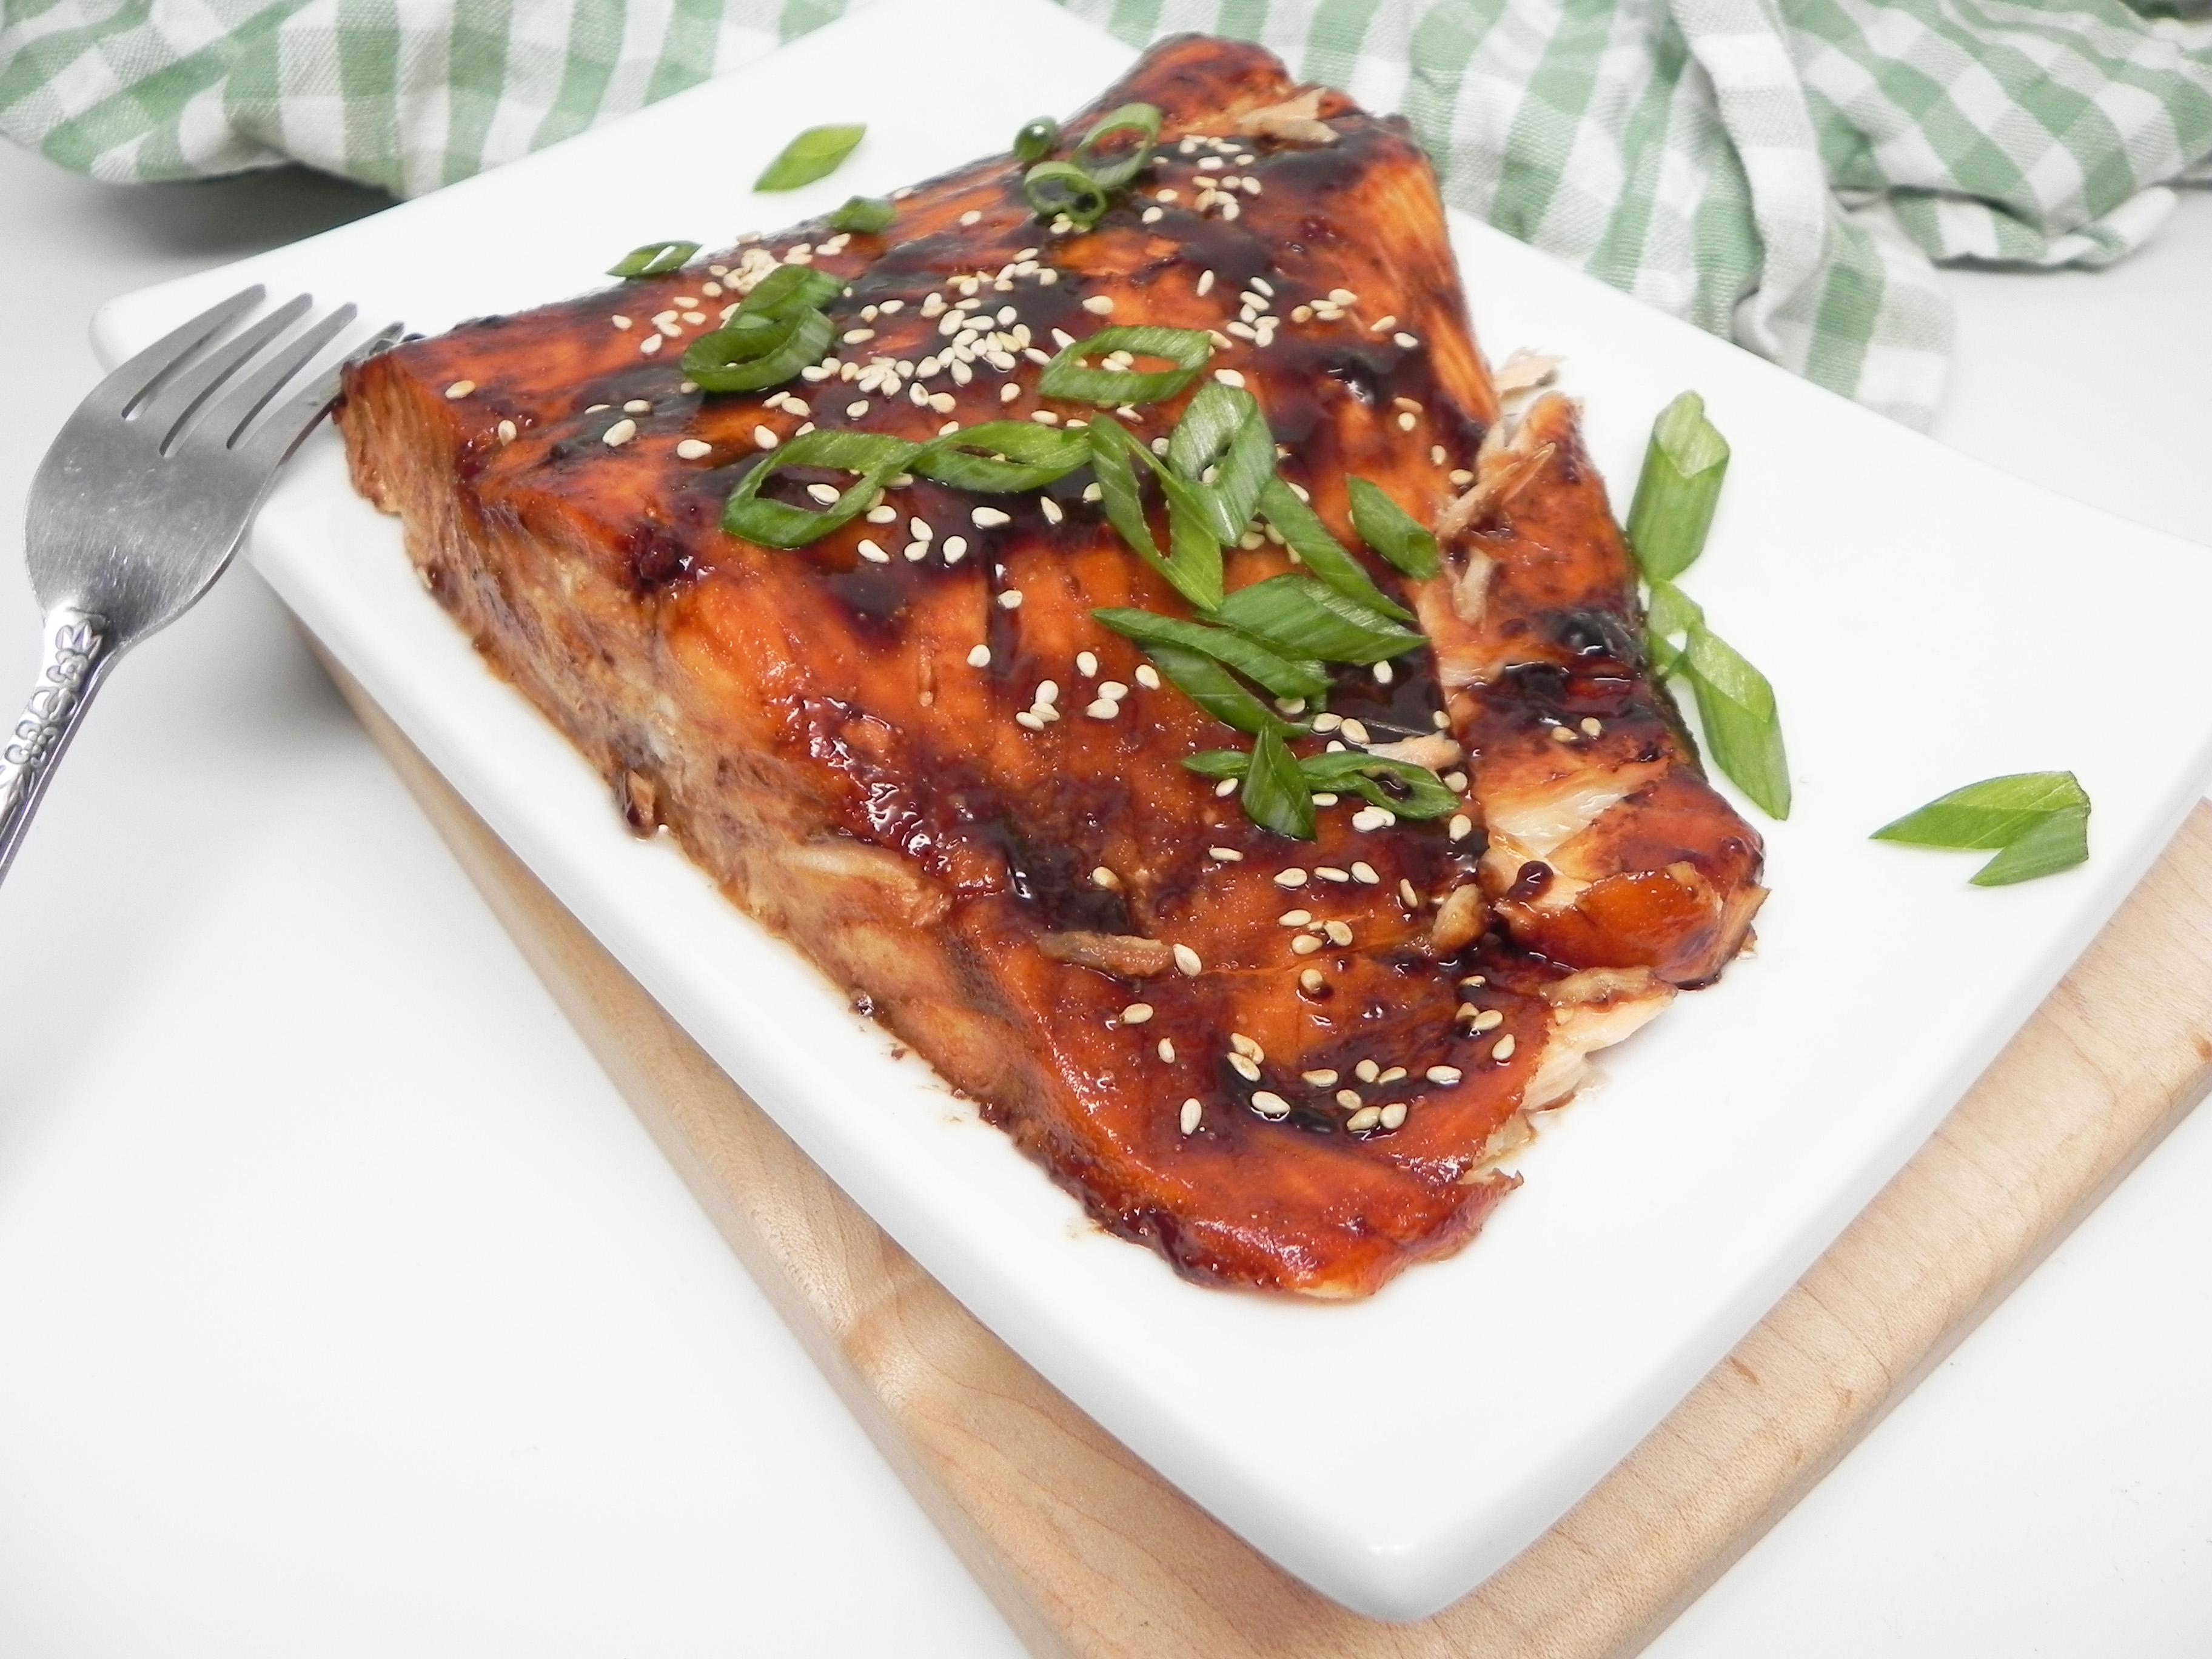 Broiled Salmon with Homemade Teriyaki Glaze